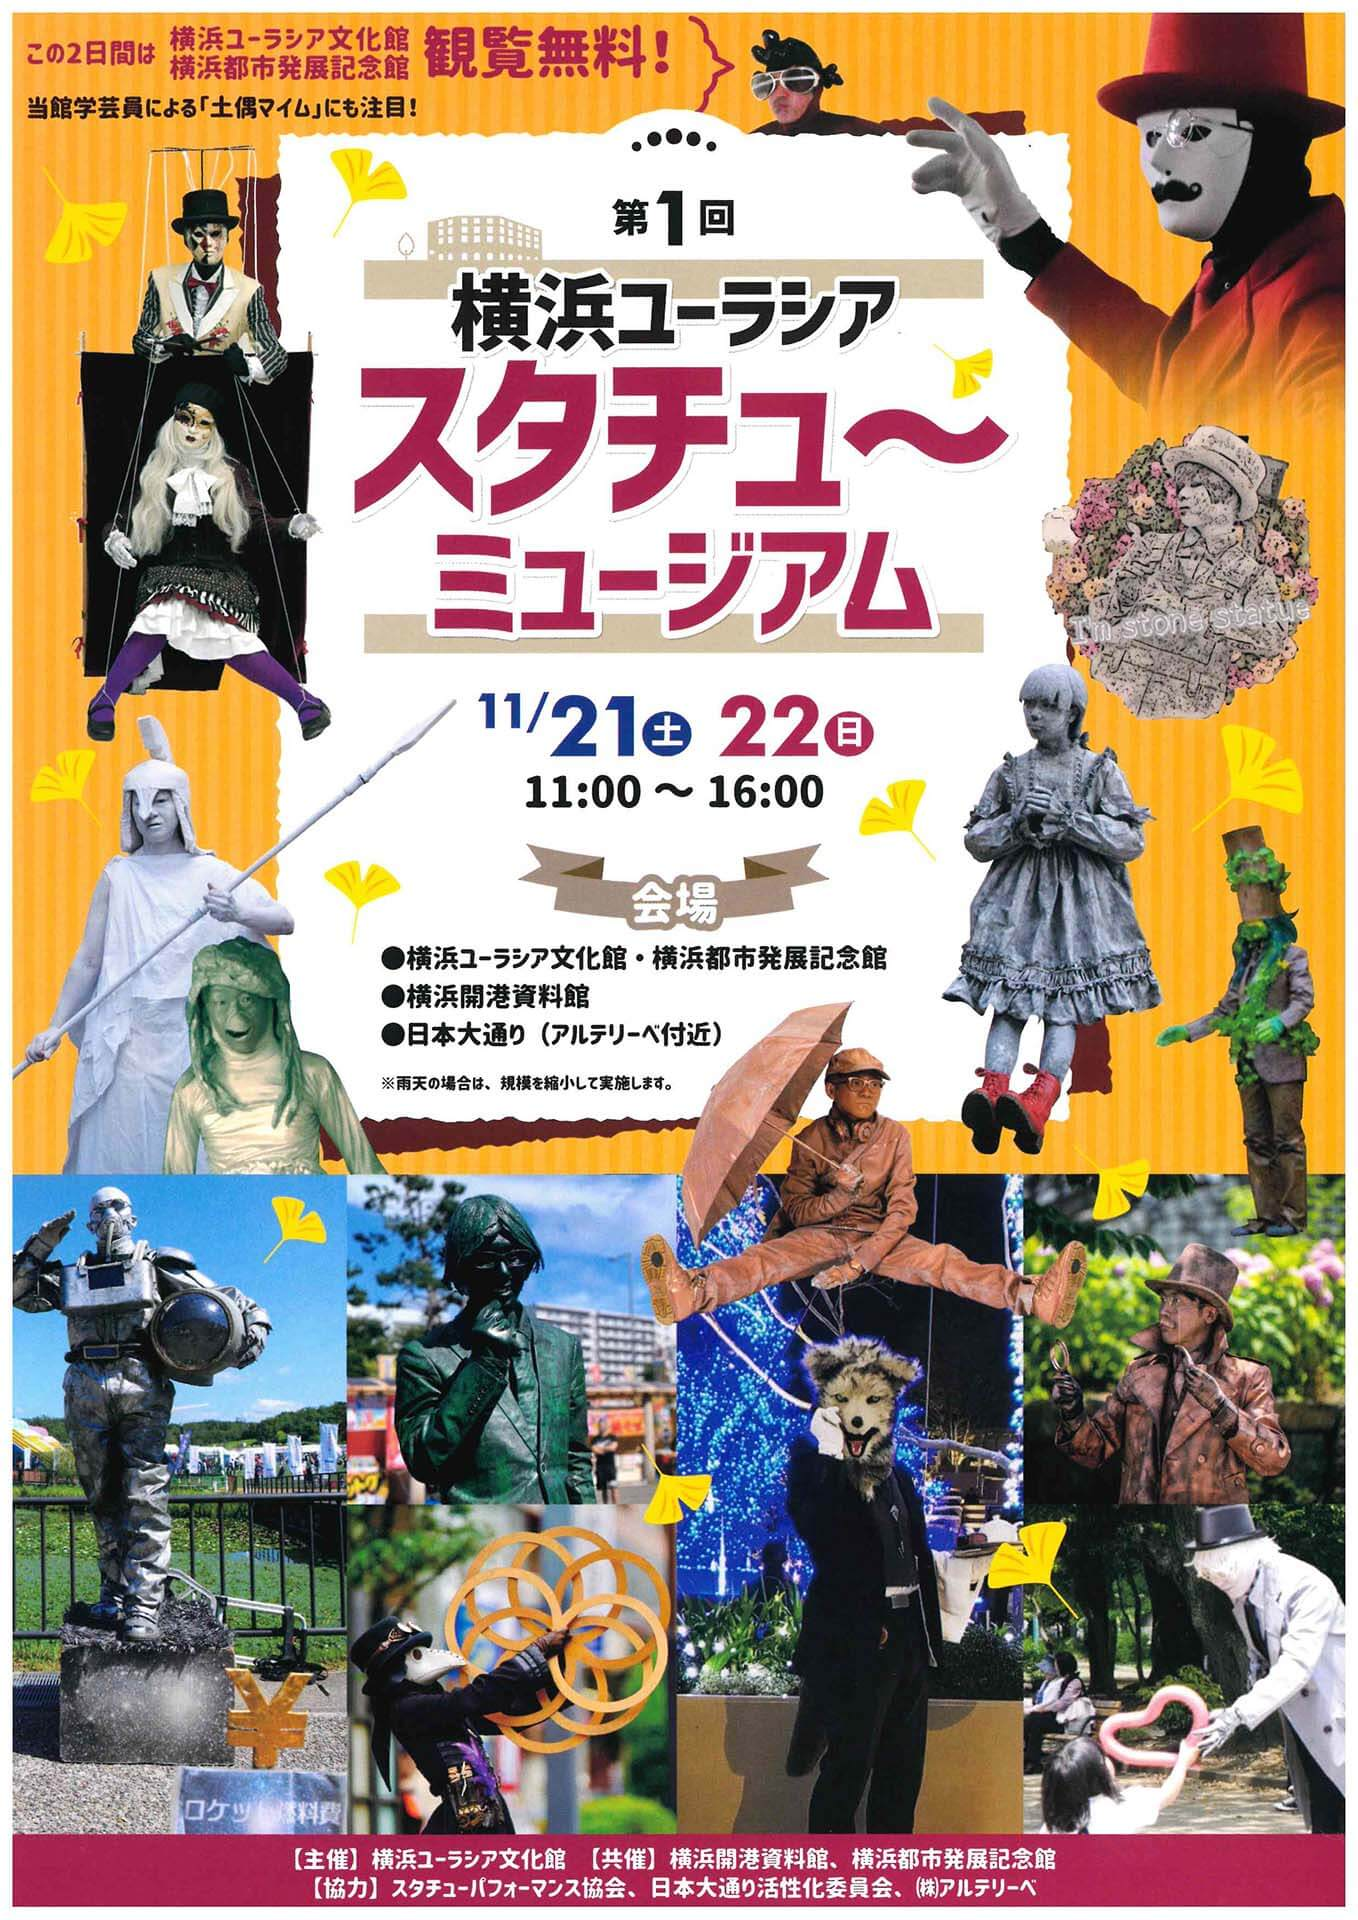 第1回 横浜ユーラシア・スタチュー・ミュージアム